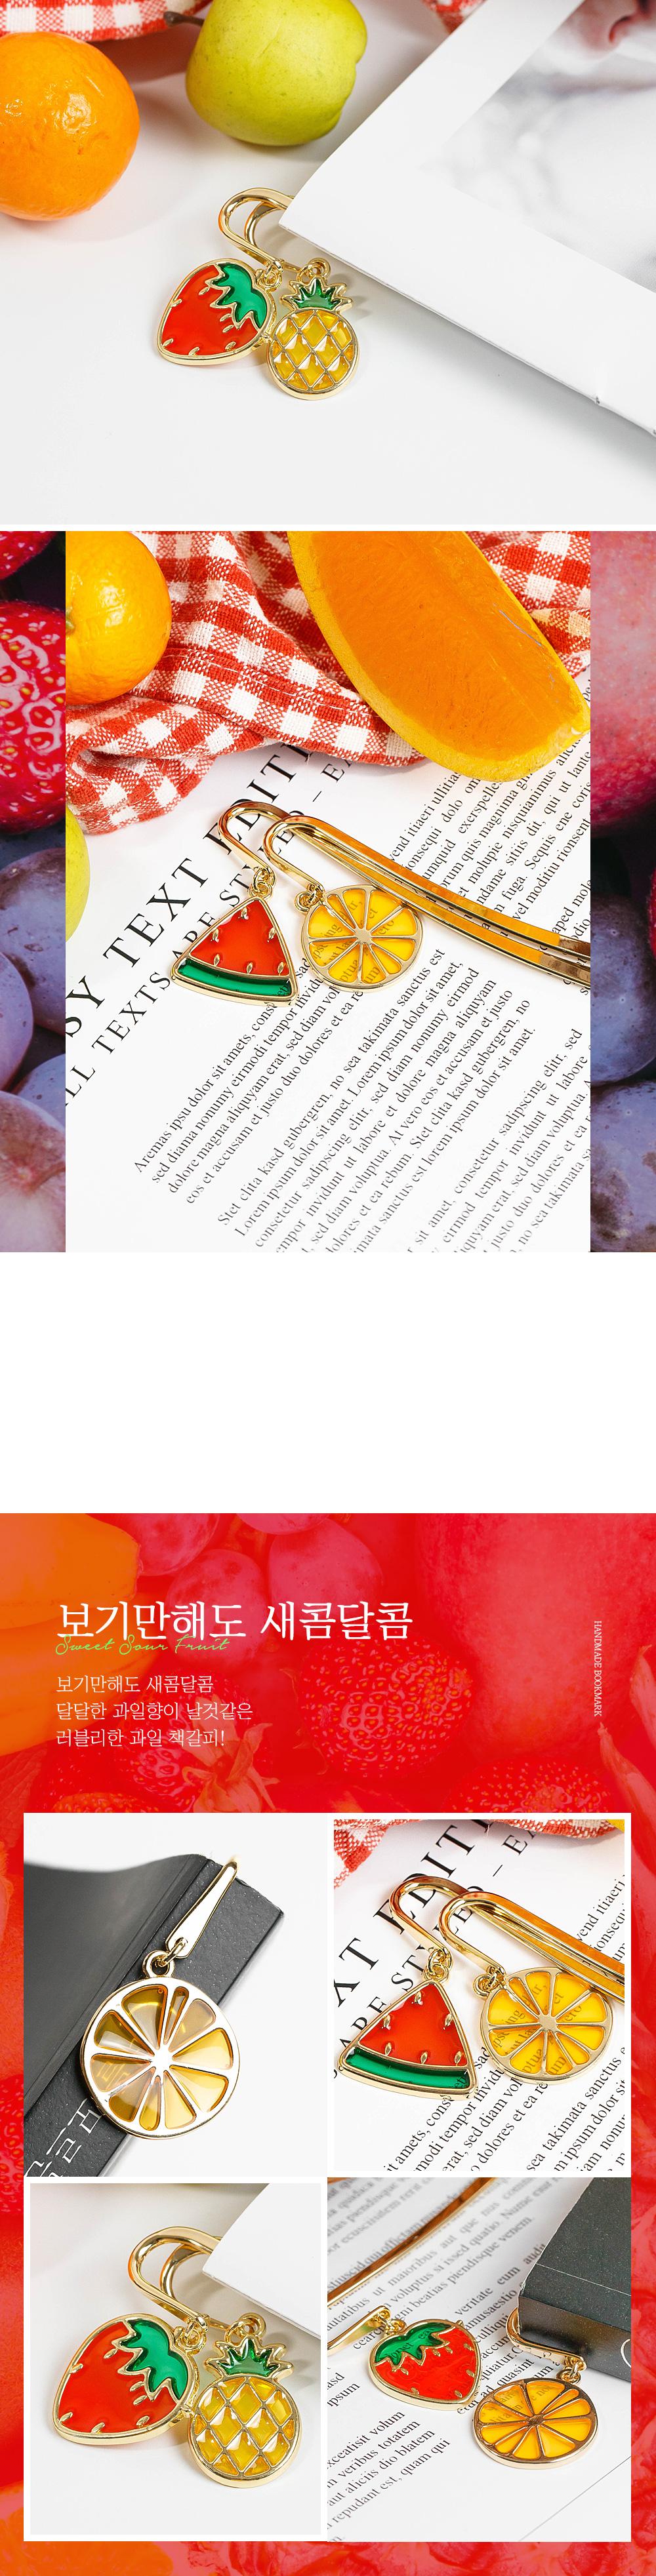 [핸드메이드] 프레쉬 프룻 책갈피 - 폭스타일, 8,000원, 북마크/책갈피, 심플